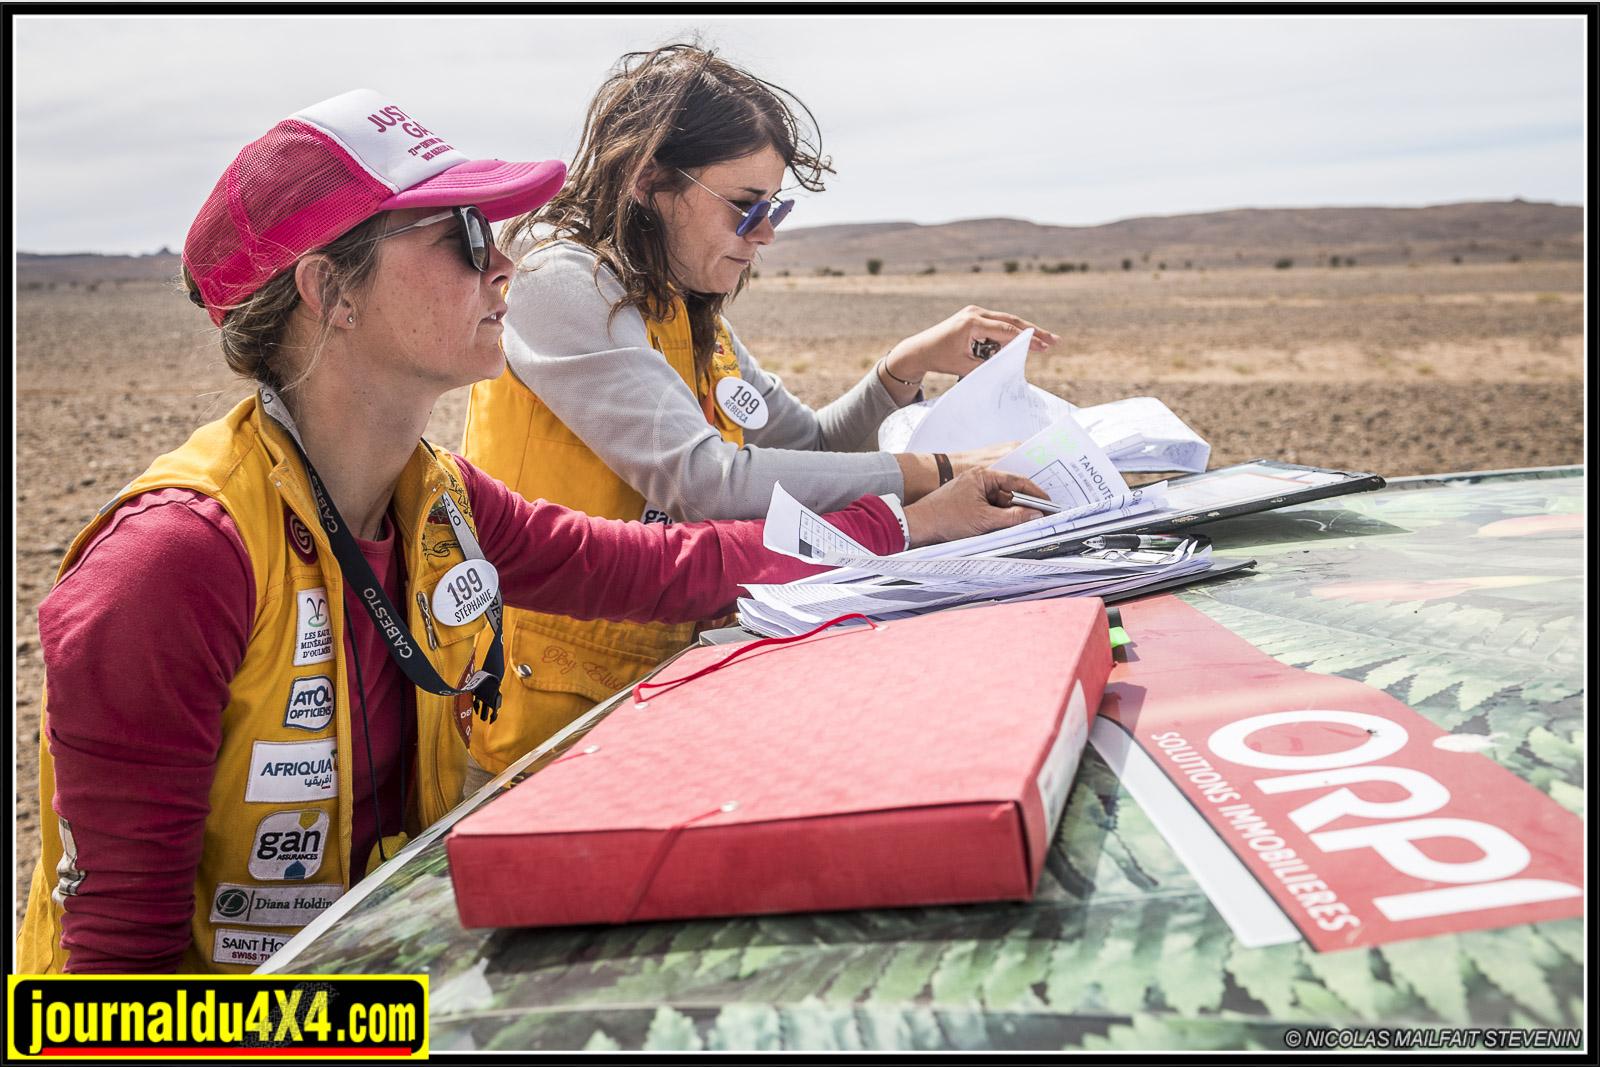 rallye-aicha-gazelles-maroc-2017-6761.jpg